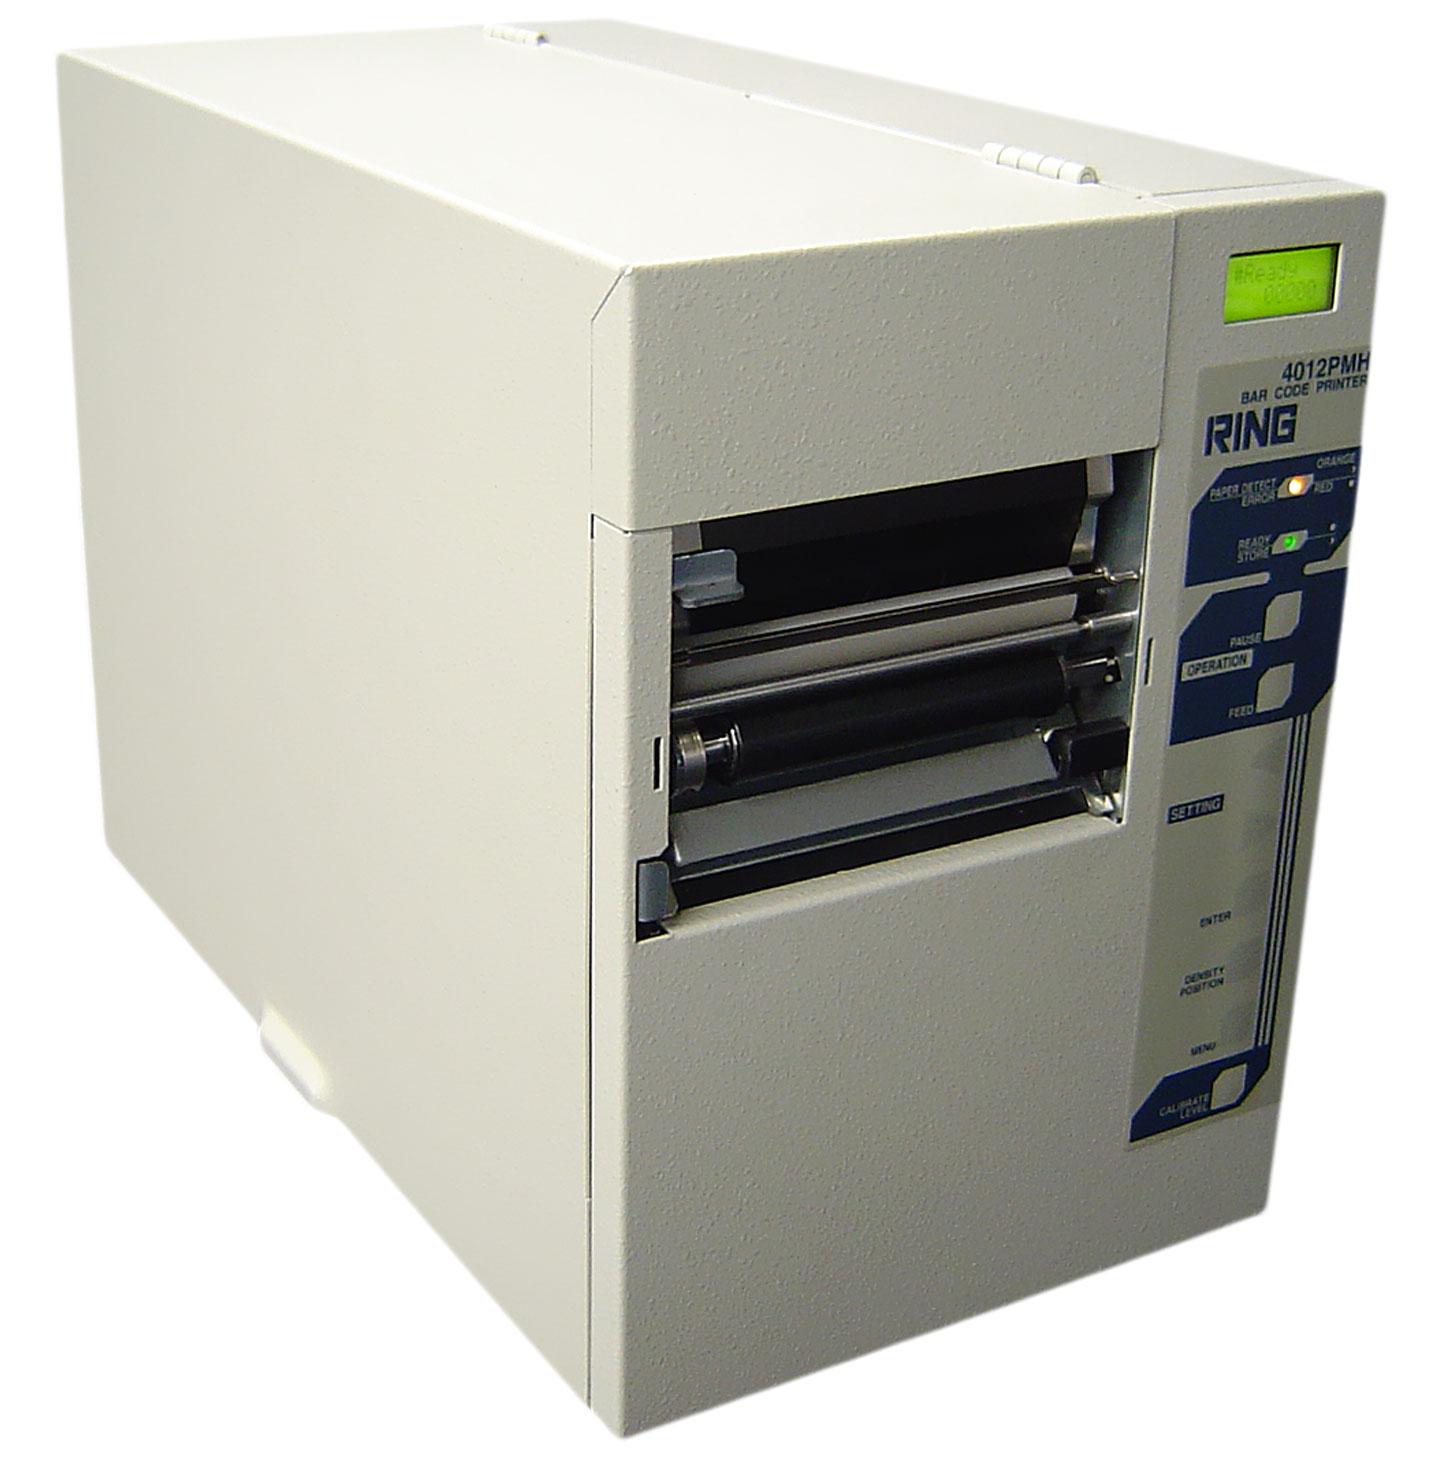 平阳Ring 4016PIH条码打印机打印头